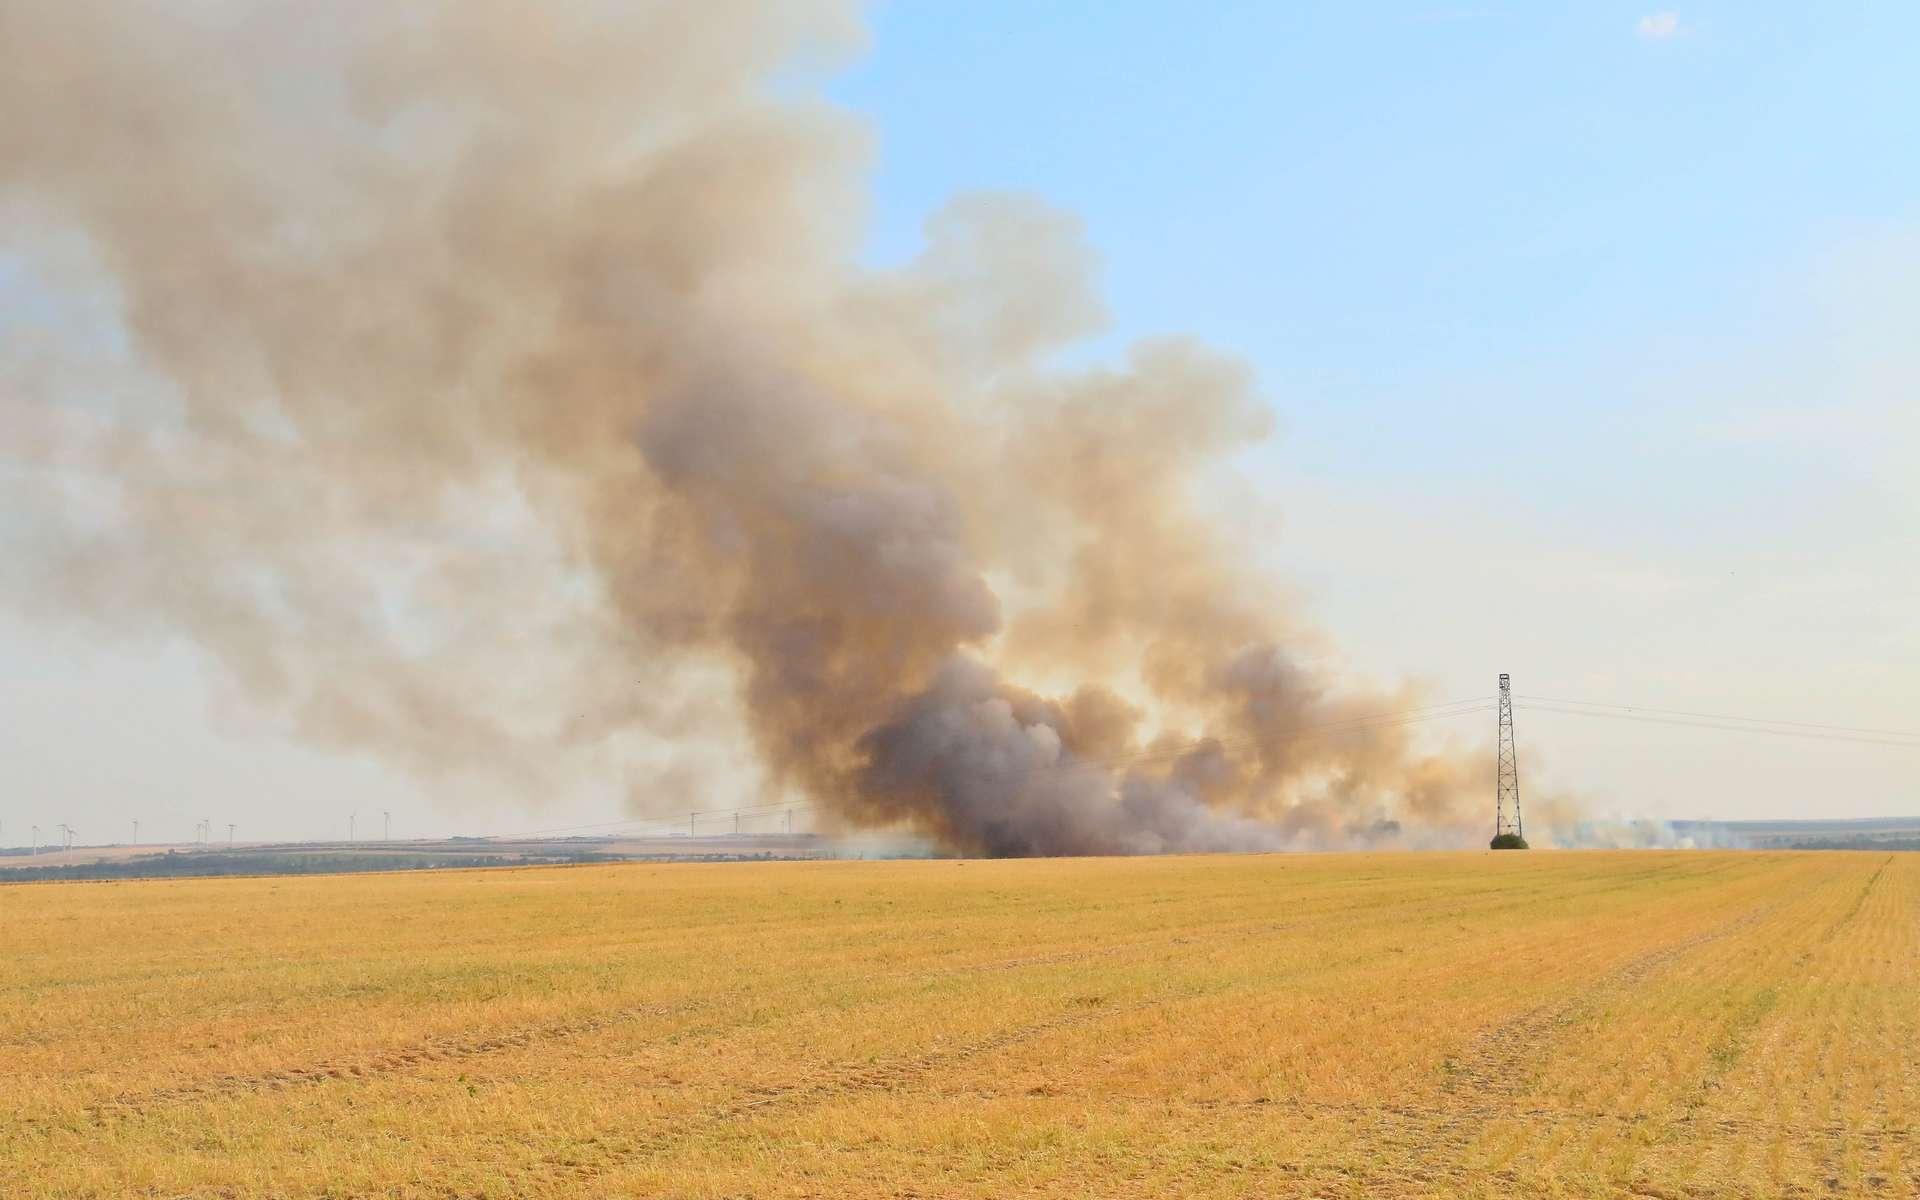 L'expansion des tropiques pourrait être responsable d'une multiplication des feux sauvages dans des zones fragiles. © PxFuel